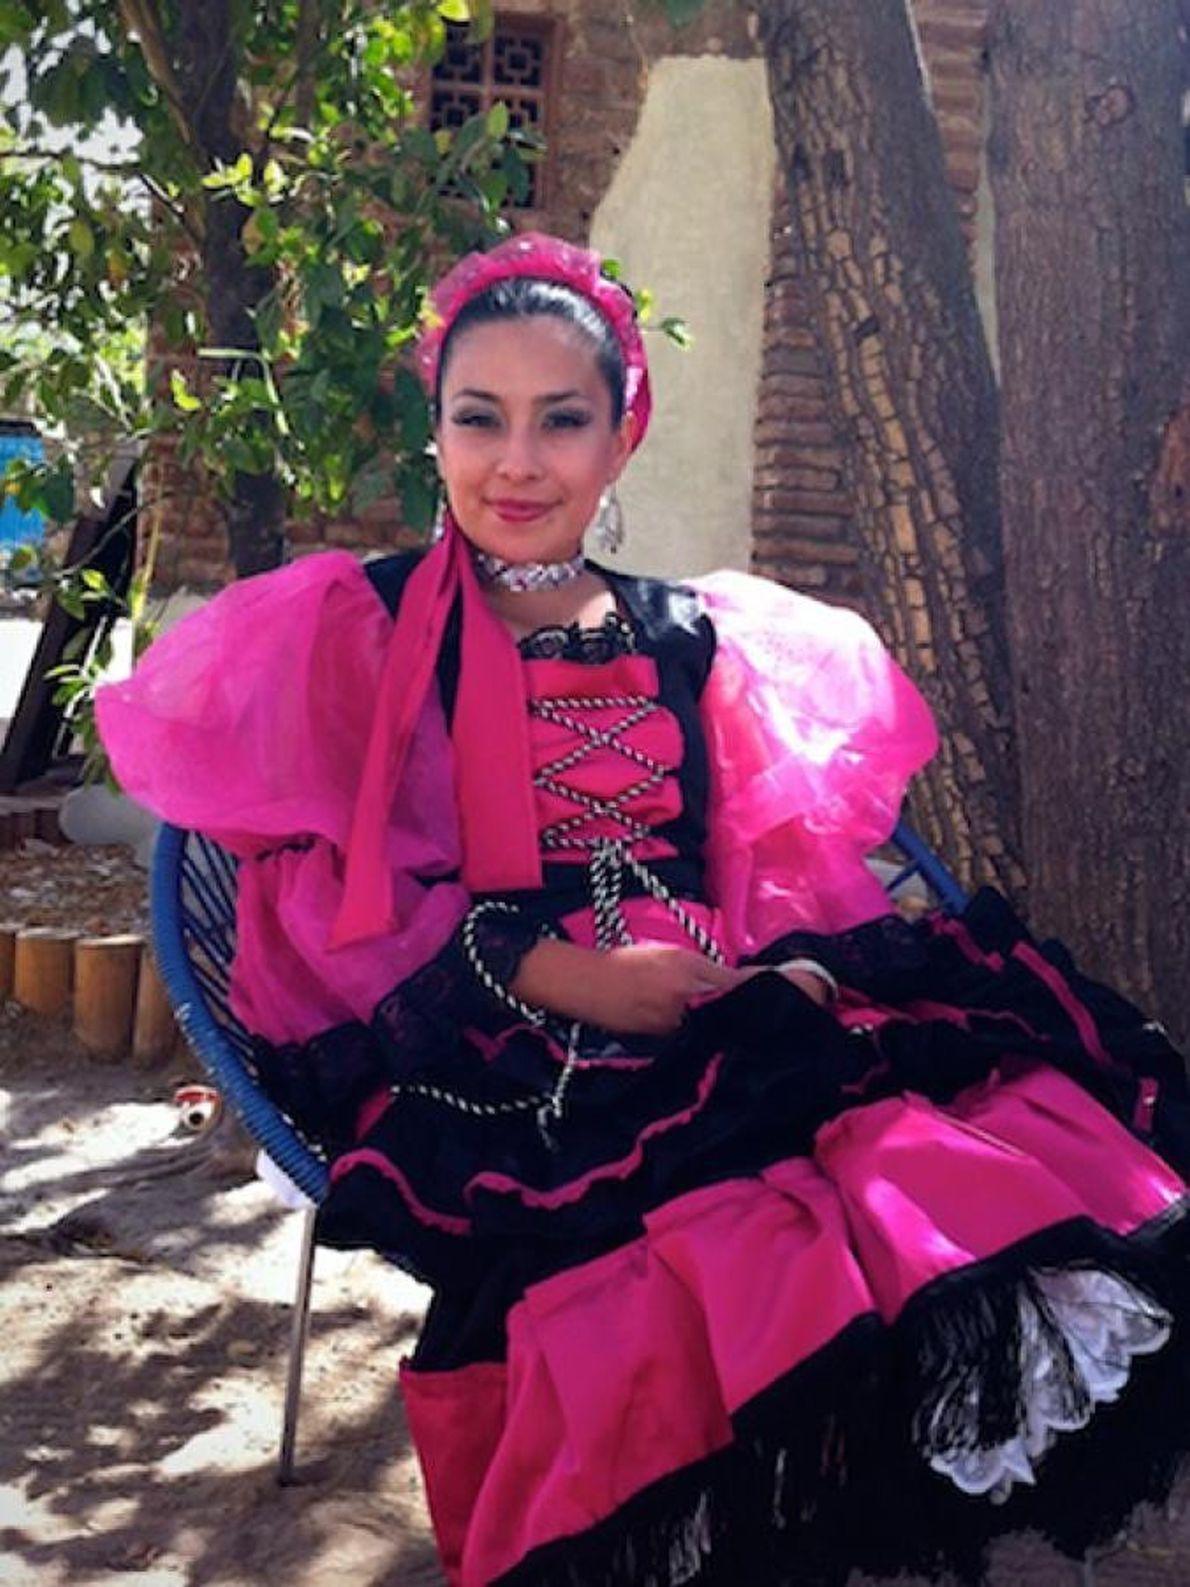 BAILARINA, MÉXICO Recuerda que la luz es la clave, parte 1  Cuando saques fotos con tu iPhone, la ...